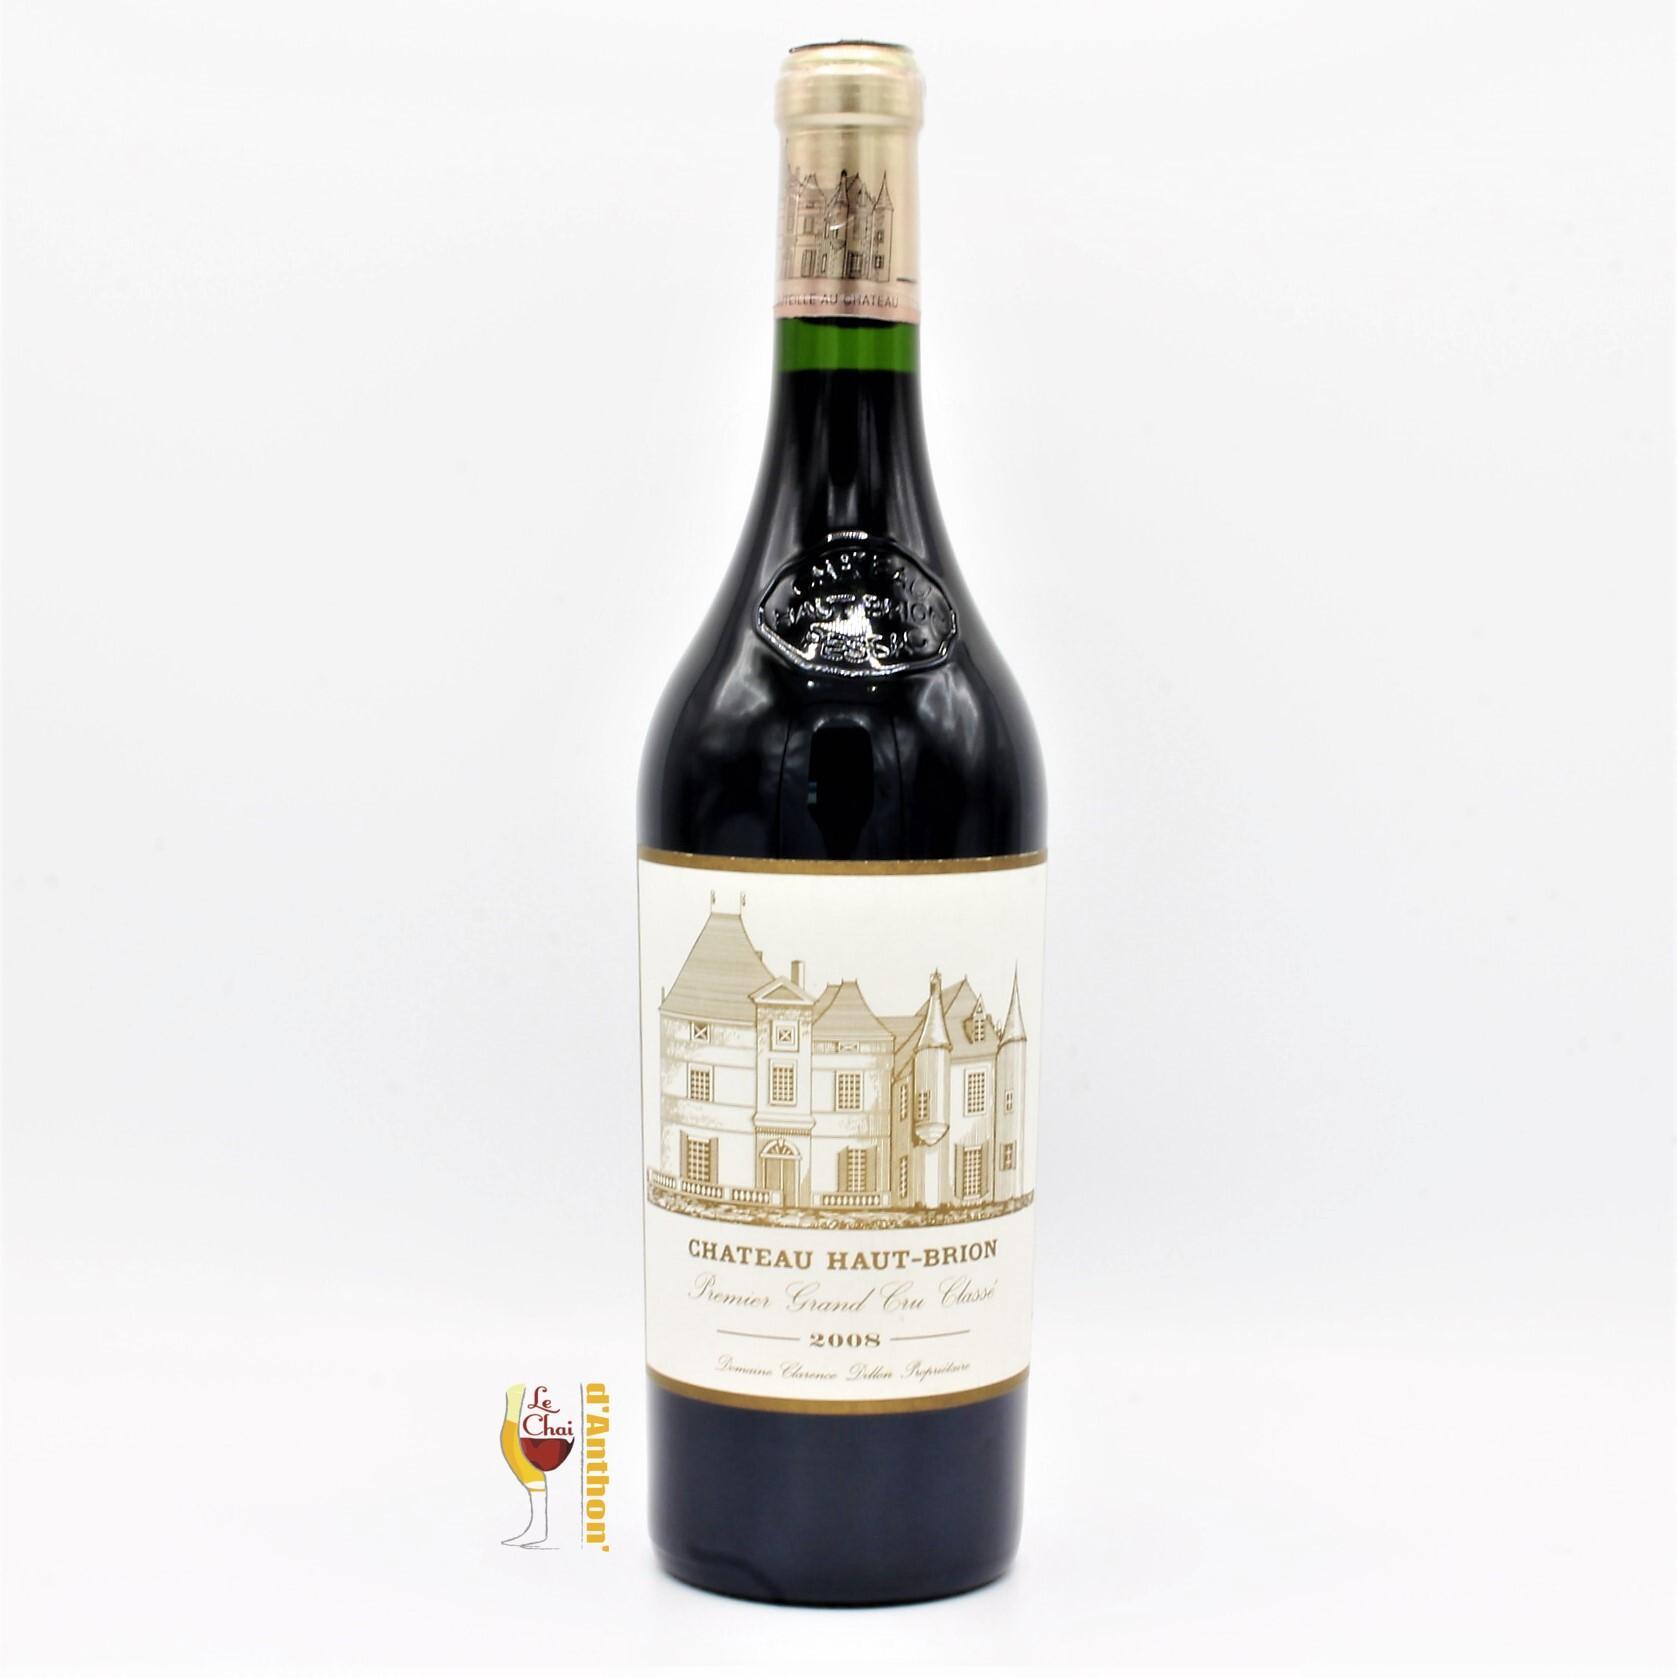 Vin Bouteille Rouge Bordeaux Pessac Leognan Cru Classe Haut Brion 2008 75cl